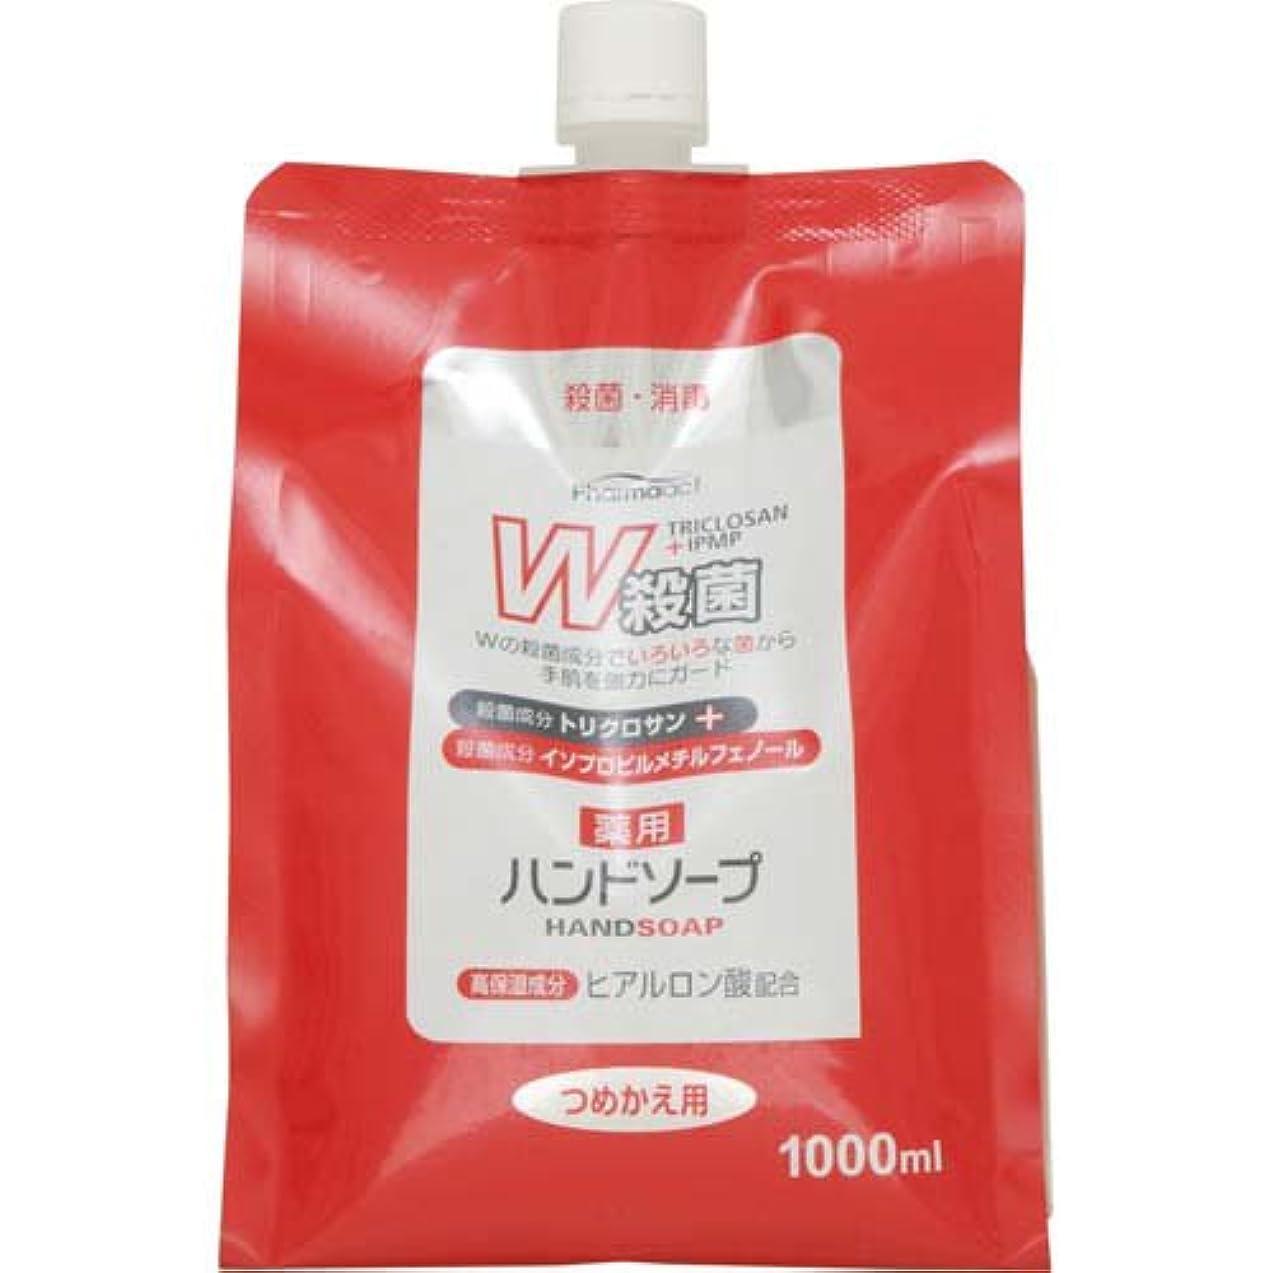 バイバイ不適助言するファーマアクト W殺菌薬用ハンドソープ スパウト付き詰替 1000ml